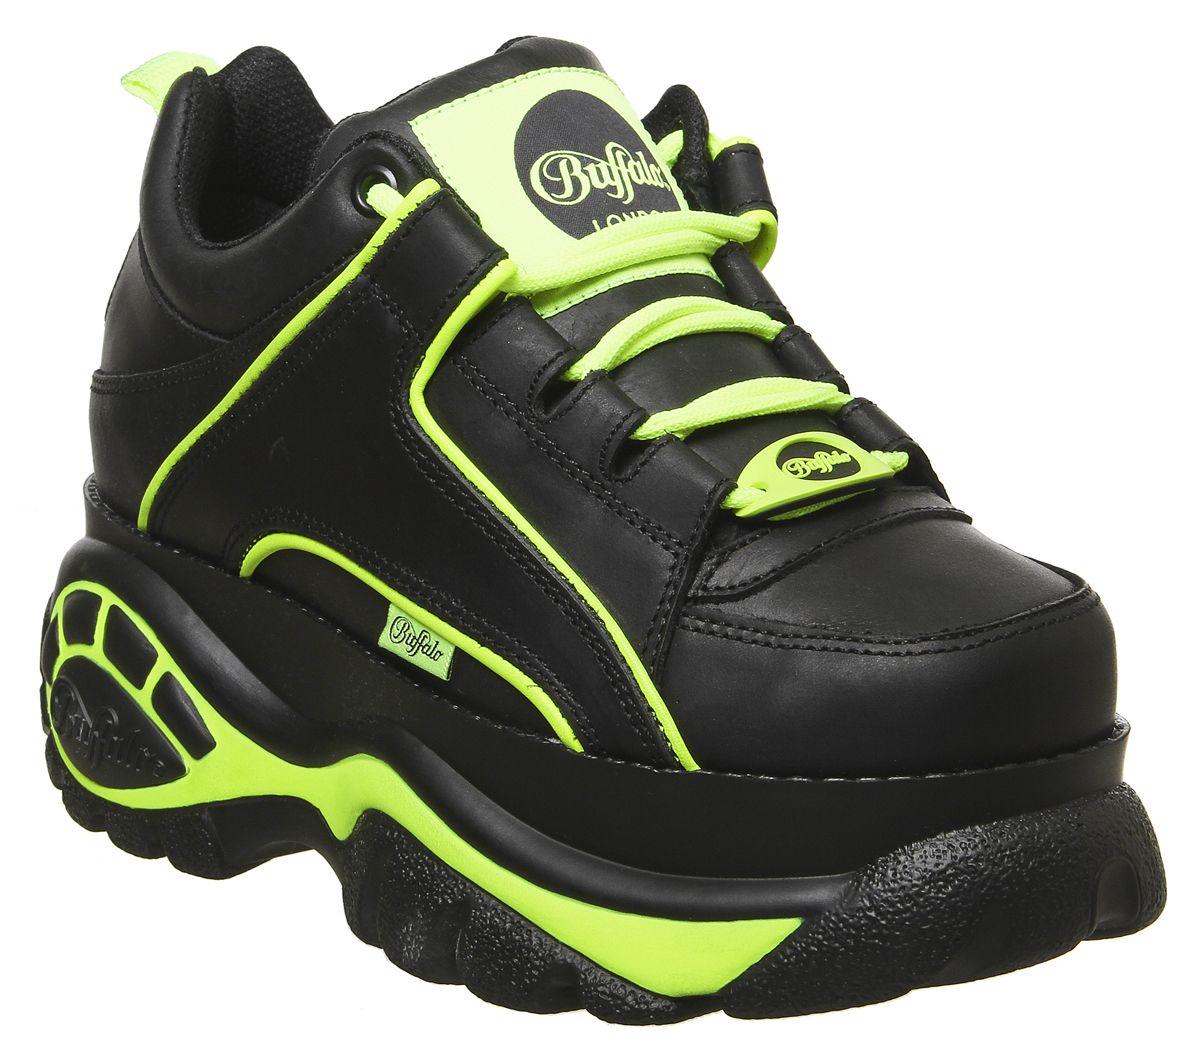 comprare popolare 5f1ab 360d0 Dettagli su Donna Buffalo Classico Sneakers Basse Nero Verde Neon Scarpe da  Ginnastica